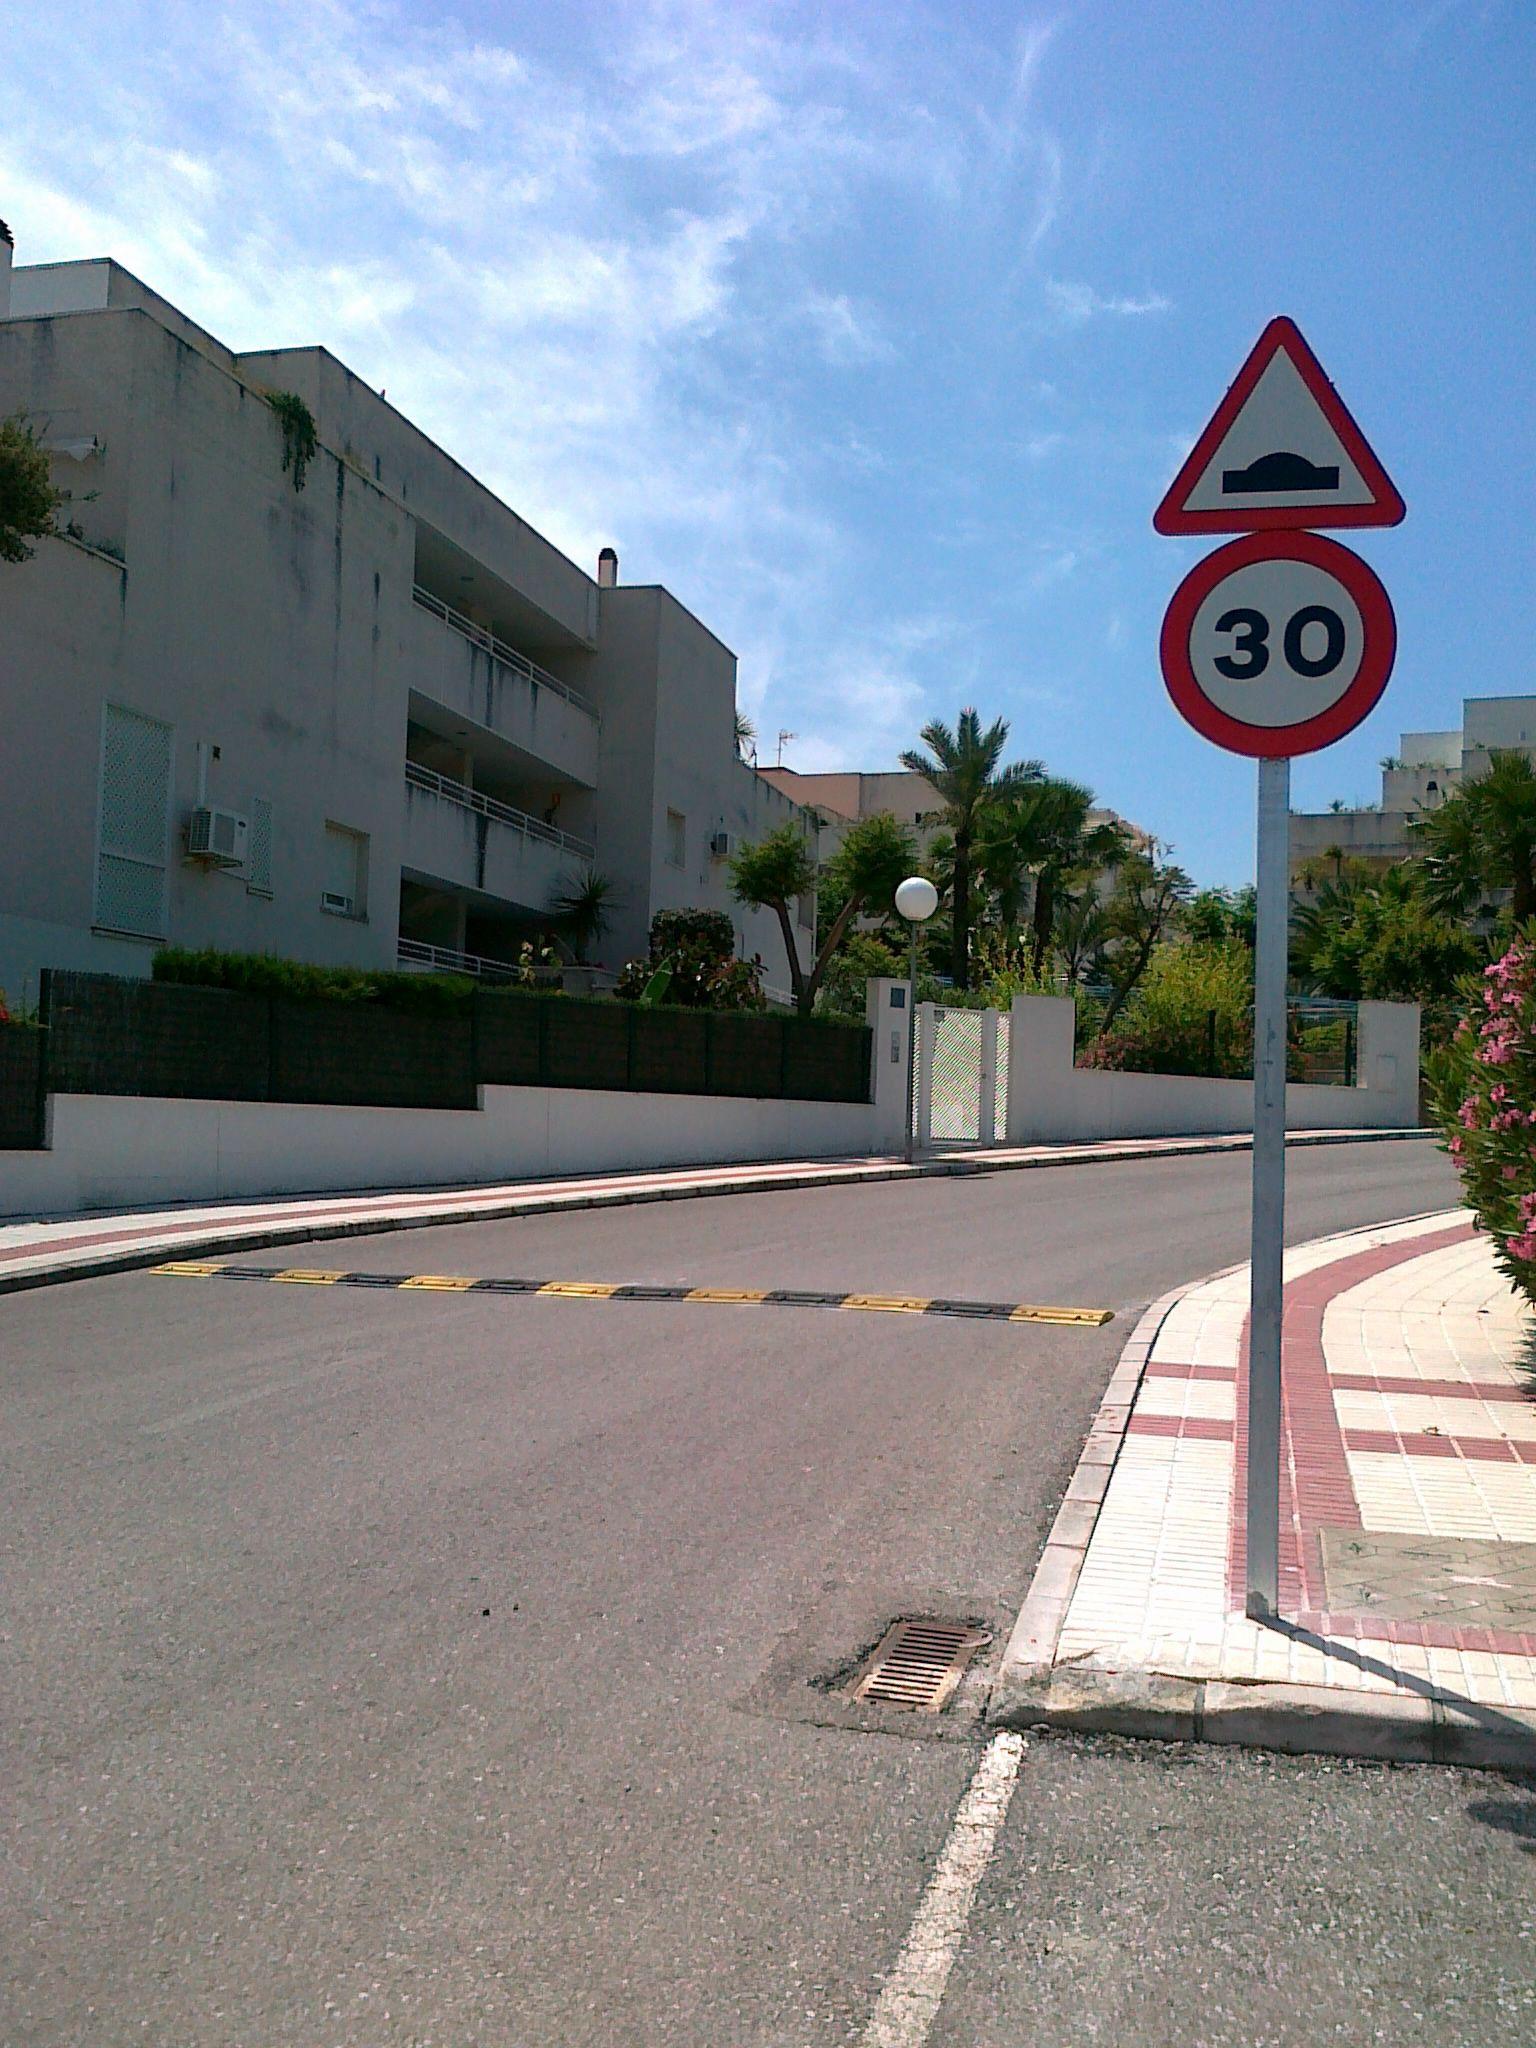 Foto de Parking Fácil aconseja sobre las nuevas normas de tráfico